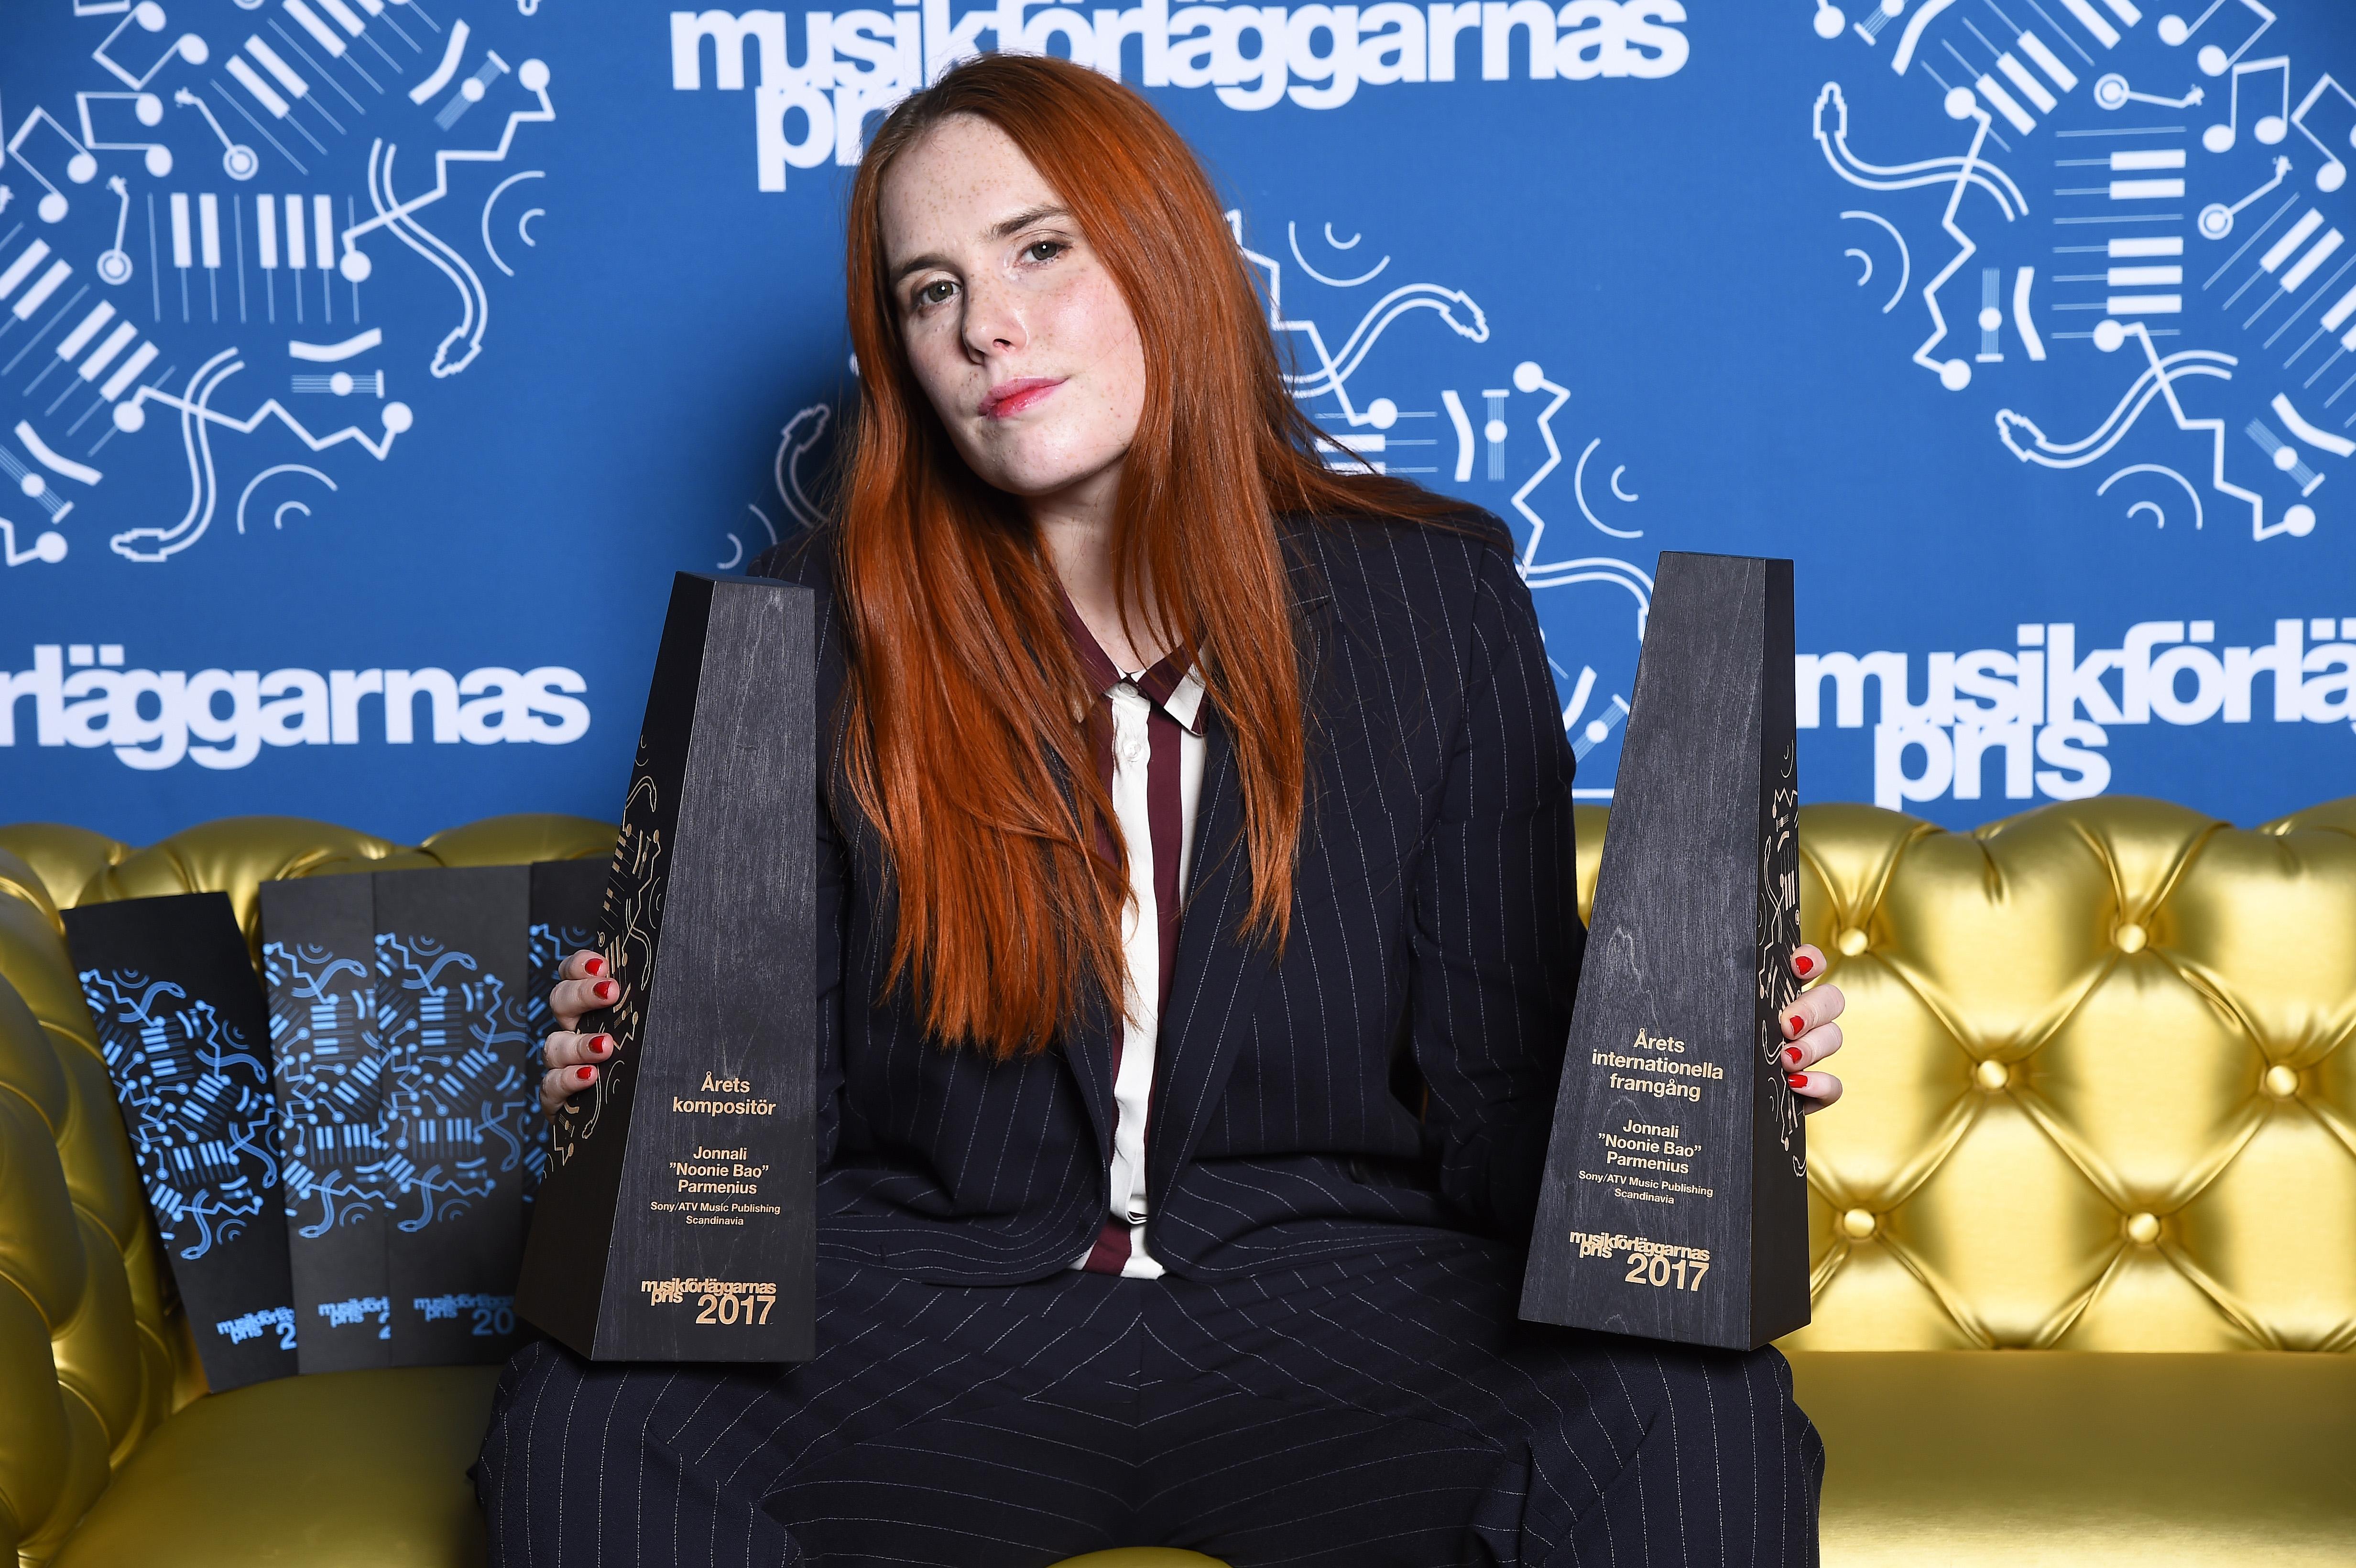 Två tunga priser till låtskrivaren Noonie Bao på Musikförläggarnas Pris 2017